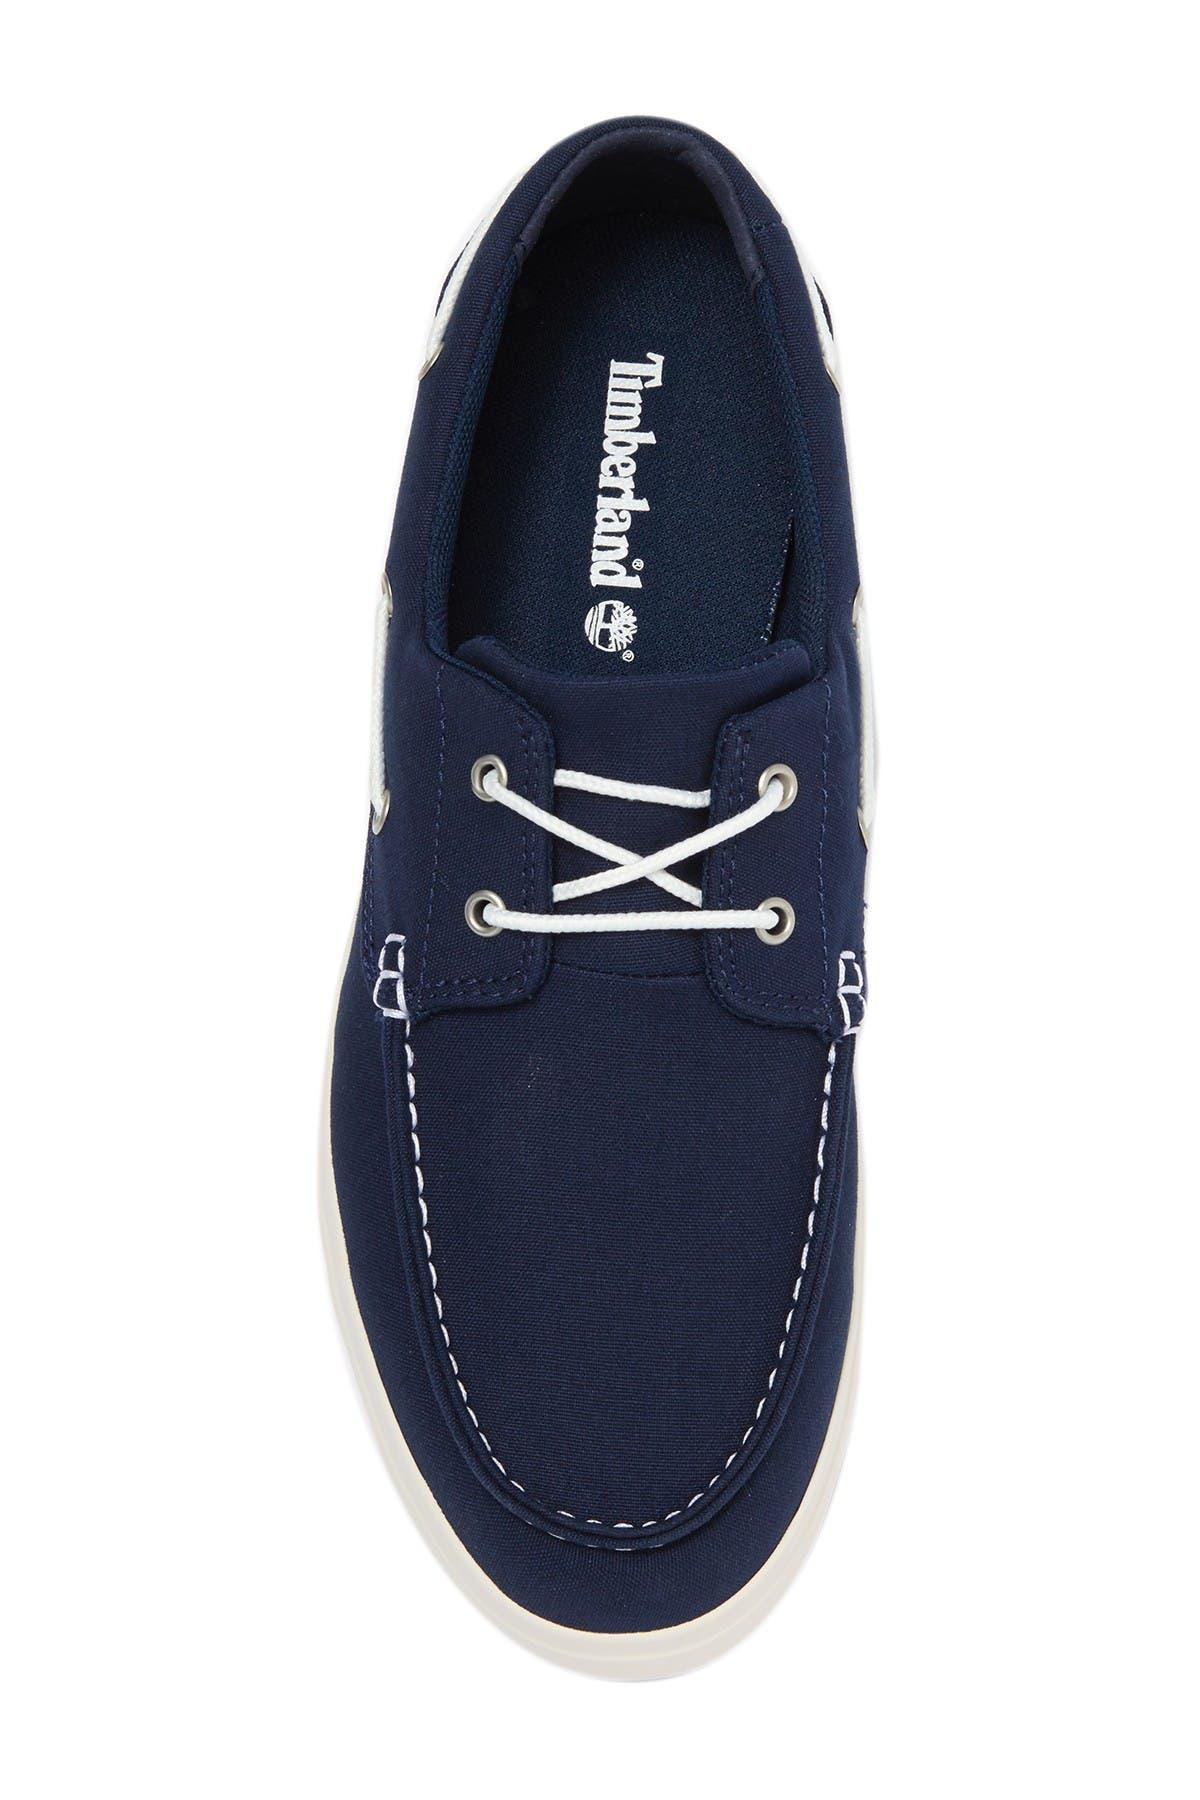 Timberland Bayham Canvas Boat Shoes Black Size 11.5